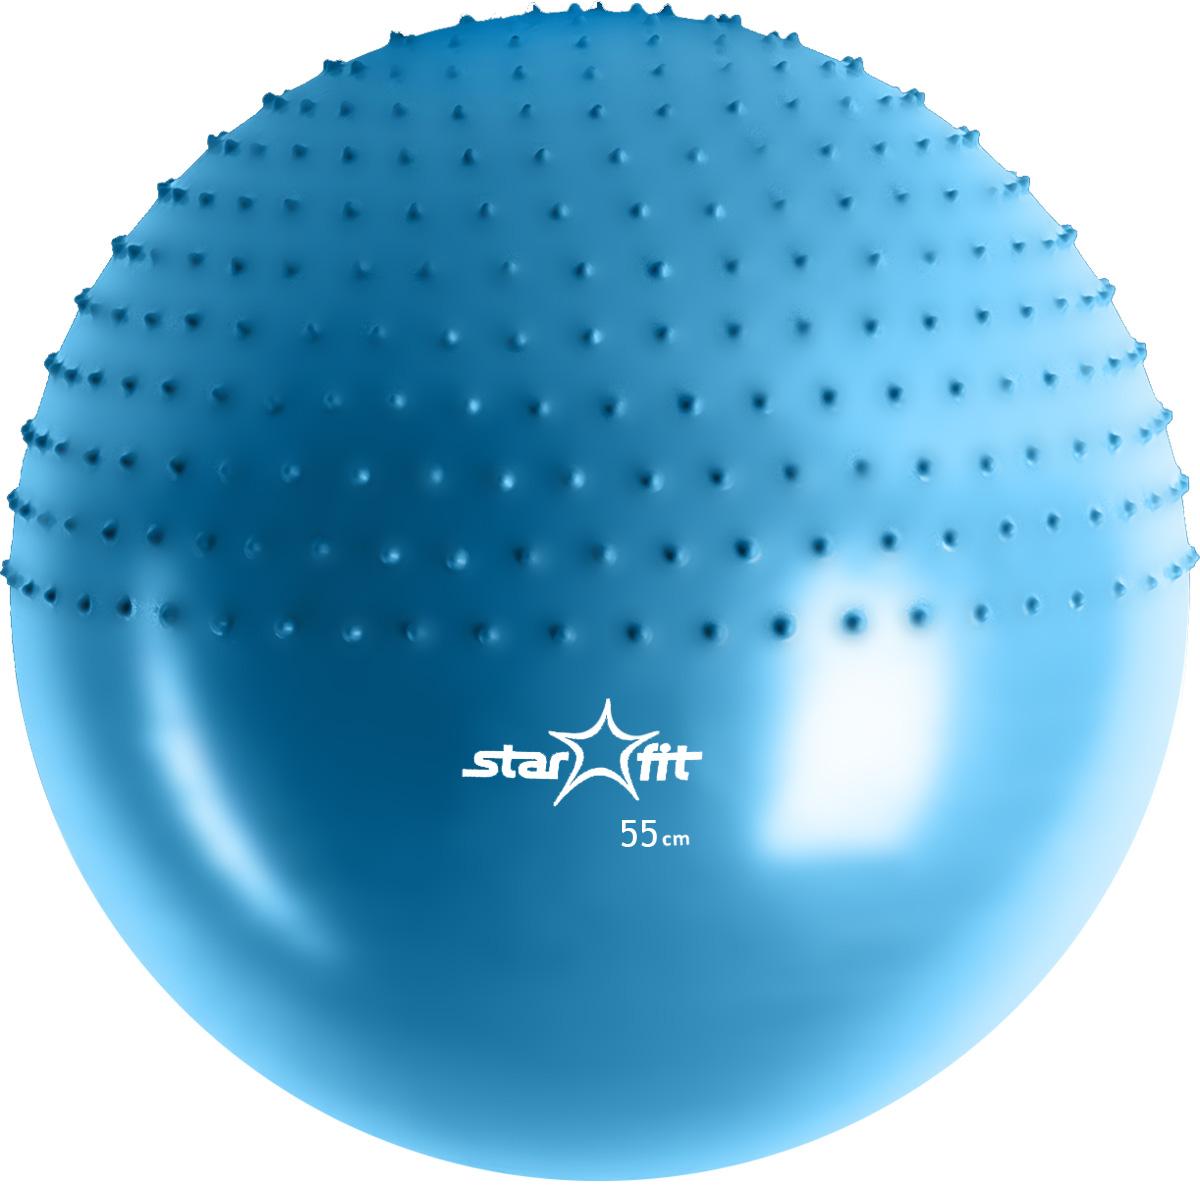 Мяч гимнастический Star Fit, полумассажный, цвет: синий, диаметр 55 смУТ-00008868Мяч гимнастический Star Fit, изготовленный их ПВХ с защитой от взрыва, отлично подойдет для занятий фитнесом. Его используют как женщины, так и мужчины в функциональном тренинге, бодибилдинге, групповых программах, стретчинге (растяжке). Мяч эффективно тренирует ноги, спину, грудь, дельтовидные мышцы, бицепсы, трицепсы и пресс. С помощью такого мяча можно тренировать все мышцы тела, правильно выстроив тренировочный процесс и используя его как основной или второстепенный снаряд для упражнения. Также его удобно использовать для массажа мышц с повышенным тонусом. Мяч обладает неоспоримым преимуществом. Его удобство заключается в том, что всегда можно поменять сторону использования с простого гимнастического на массажный и обратно. Гимнастический мяч - это незаменимый и один из самых популярных аксессуаров в фитнесе. УВАЖЕМЫЕ КЛИЕНТЫ! Обращаем ваше внимание на тот факт, что мяч поставляется в сдутом виде. Насос в комплект не...